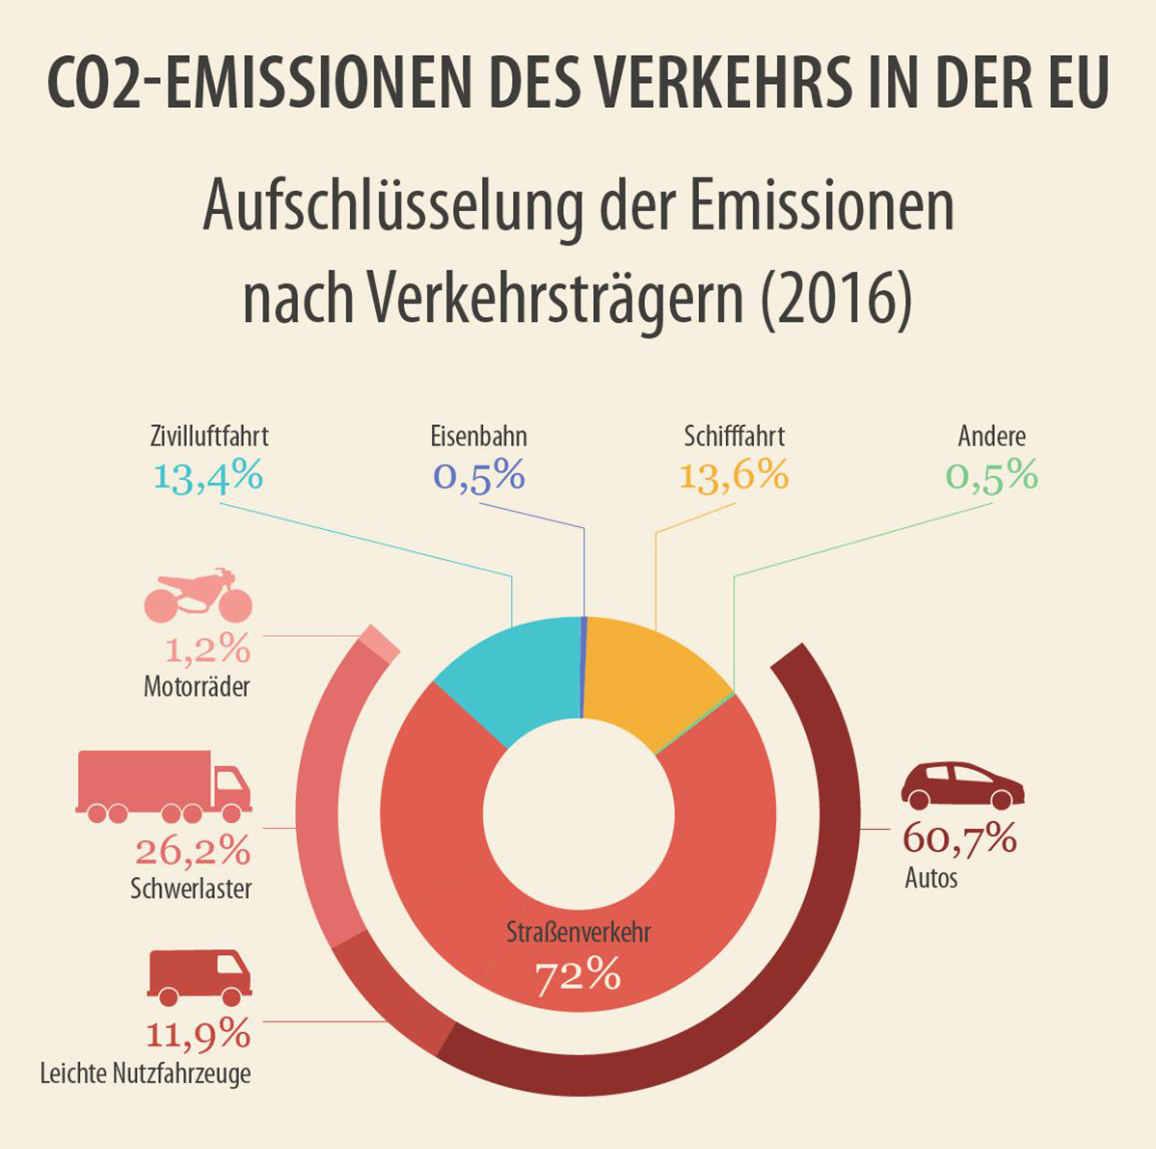 Aufschlüsselung der CO2-Emissionen nach Verkehrsträgern (2016)